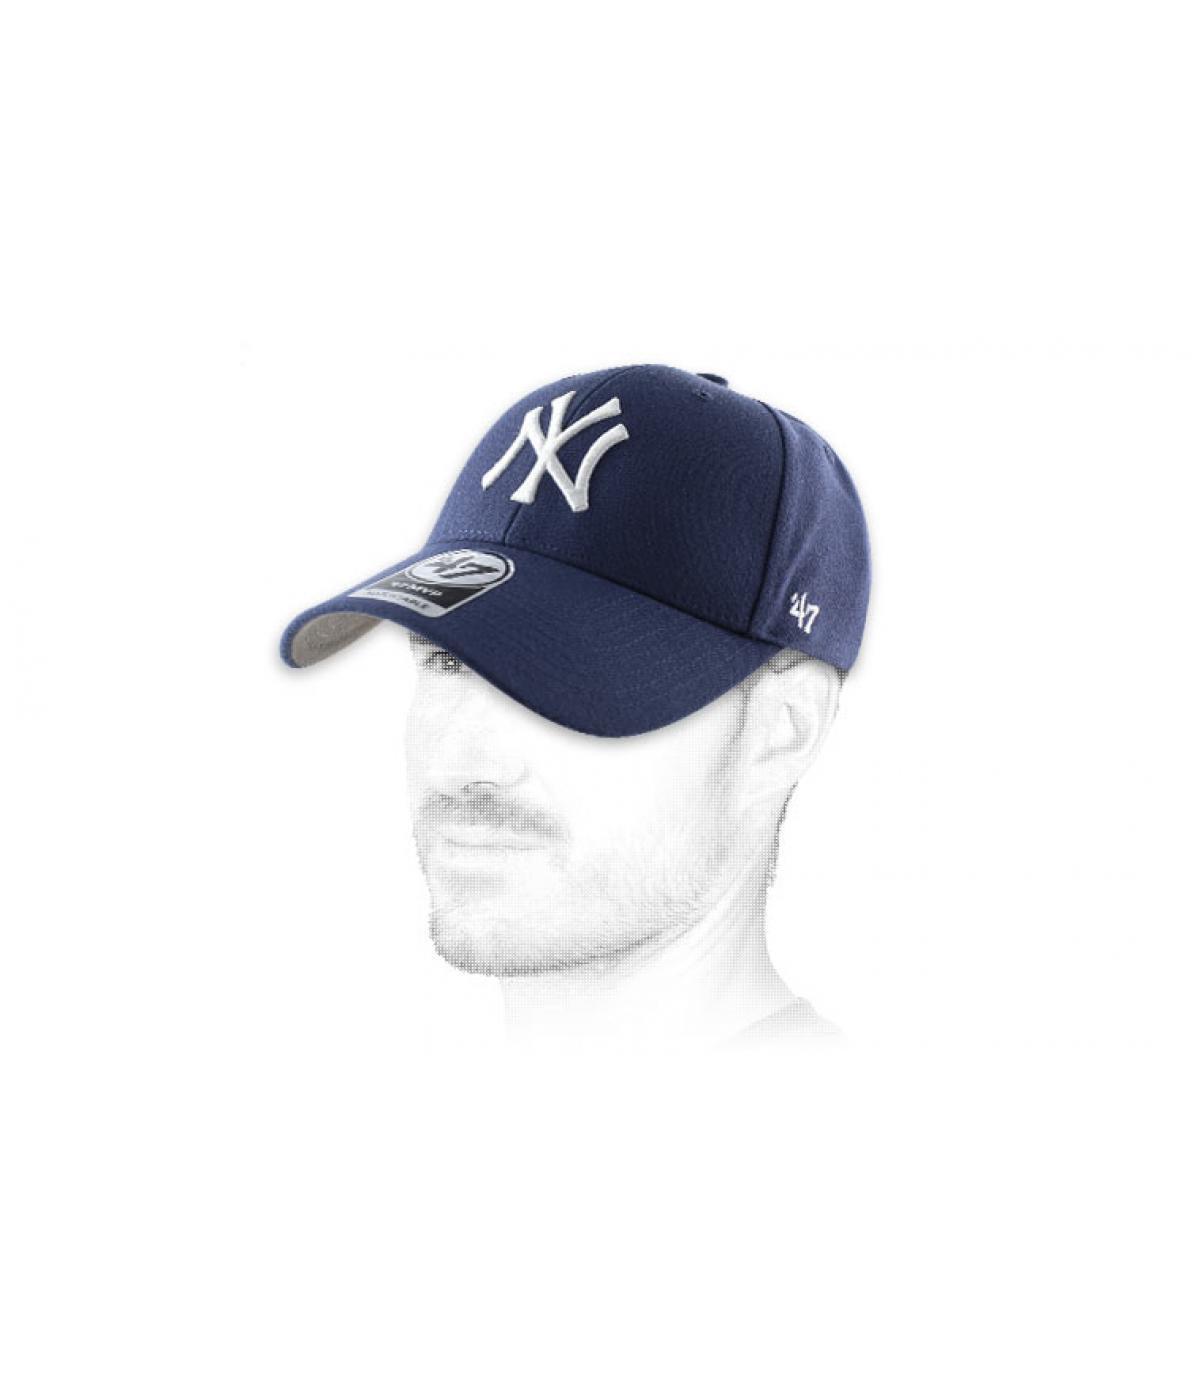 Curve cap used cotton